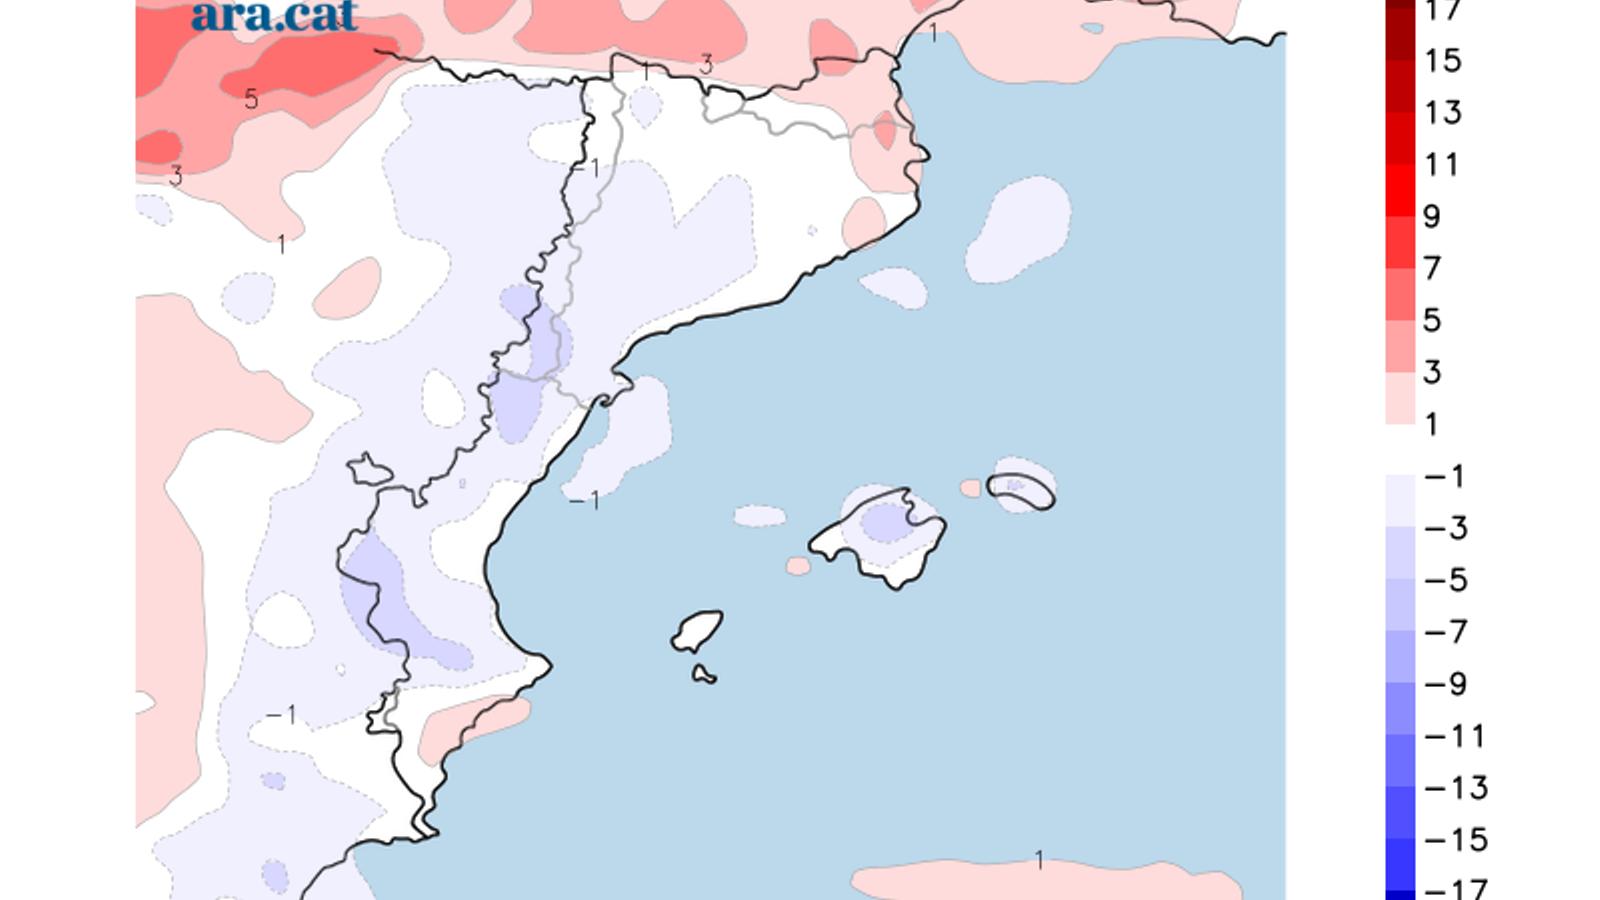 Diferència prevista entre la temperatura màxima d'ahir i la d'avui